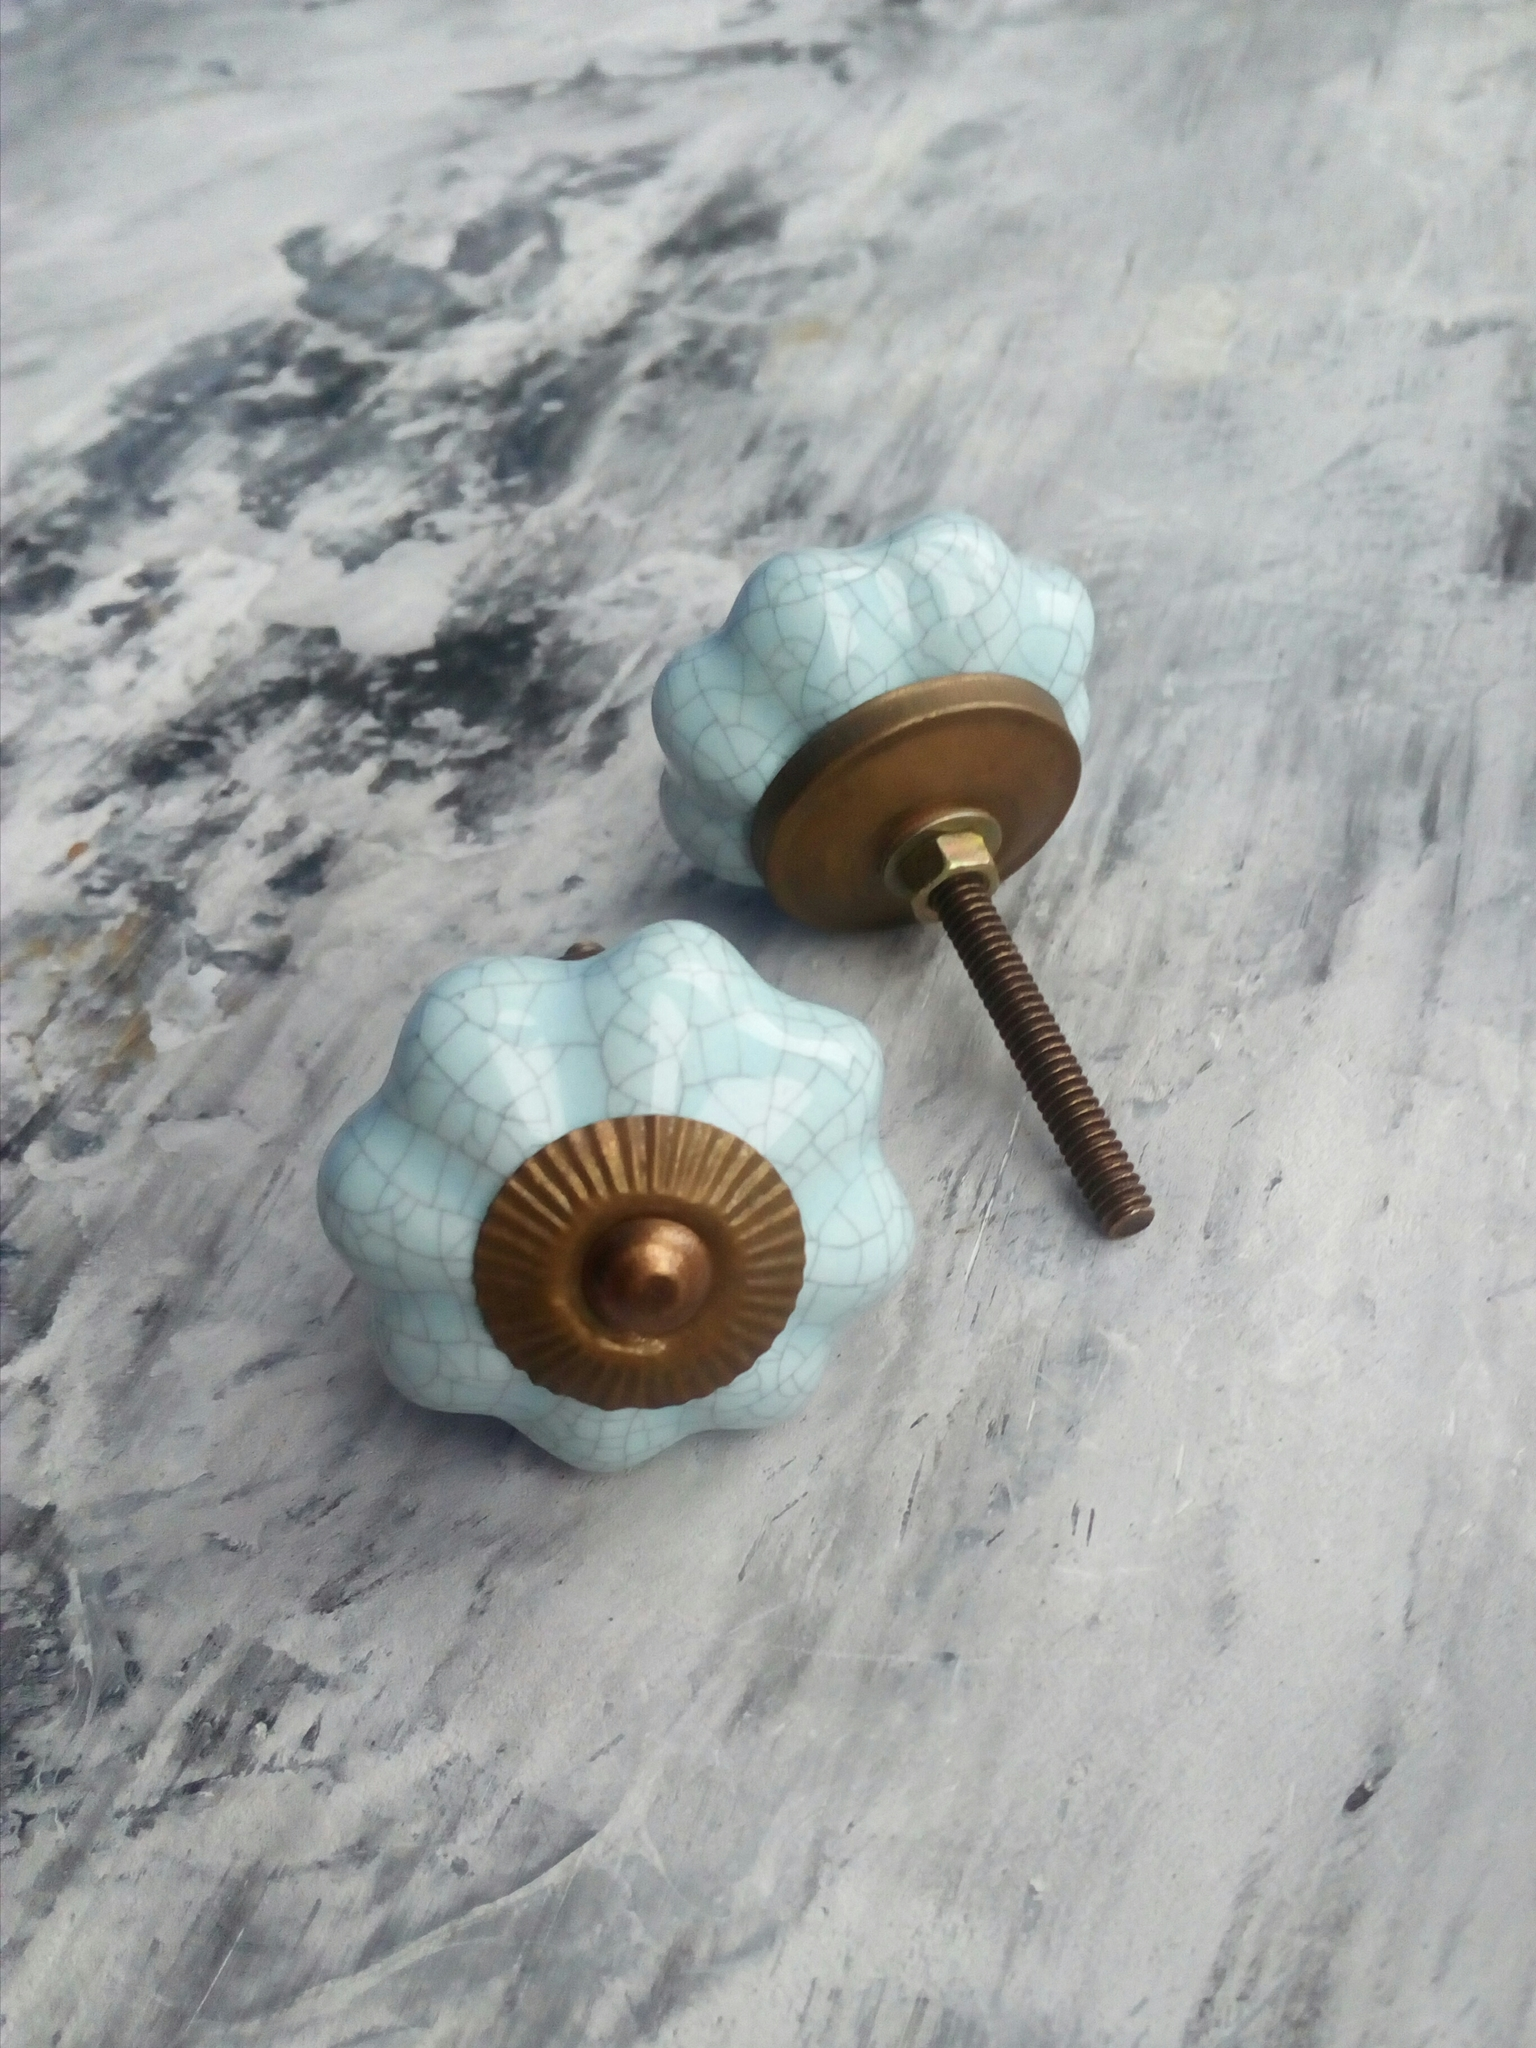 Ручка мебельная керамическая голубая с кракелюром, арт. 000323